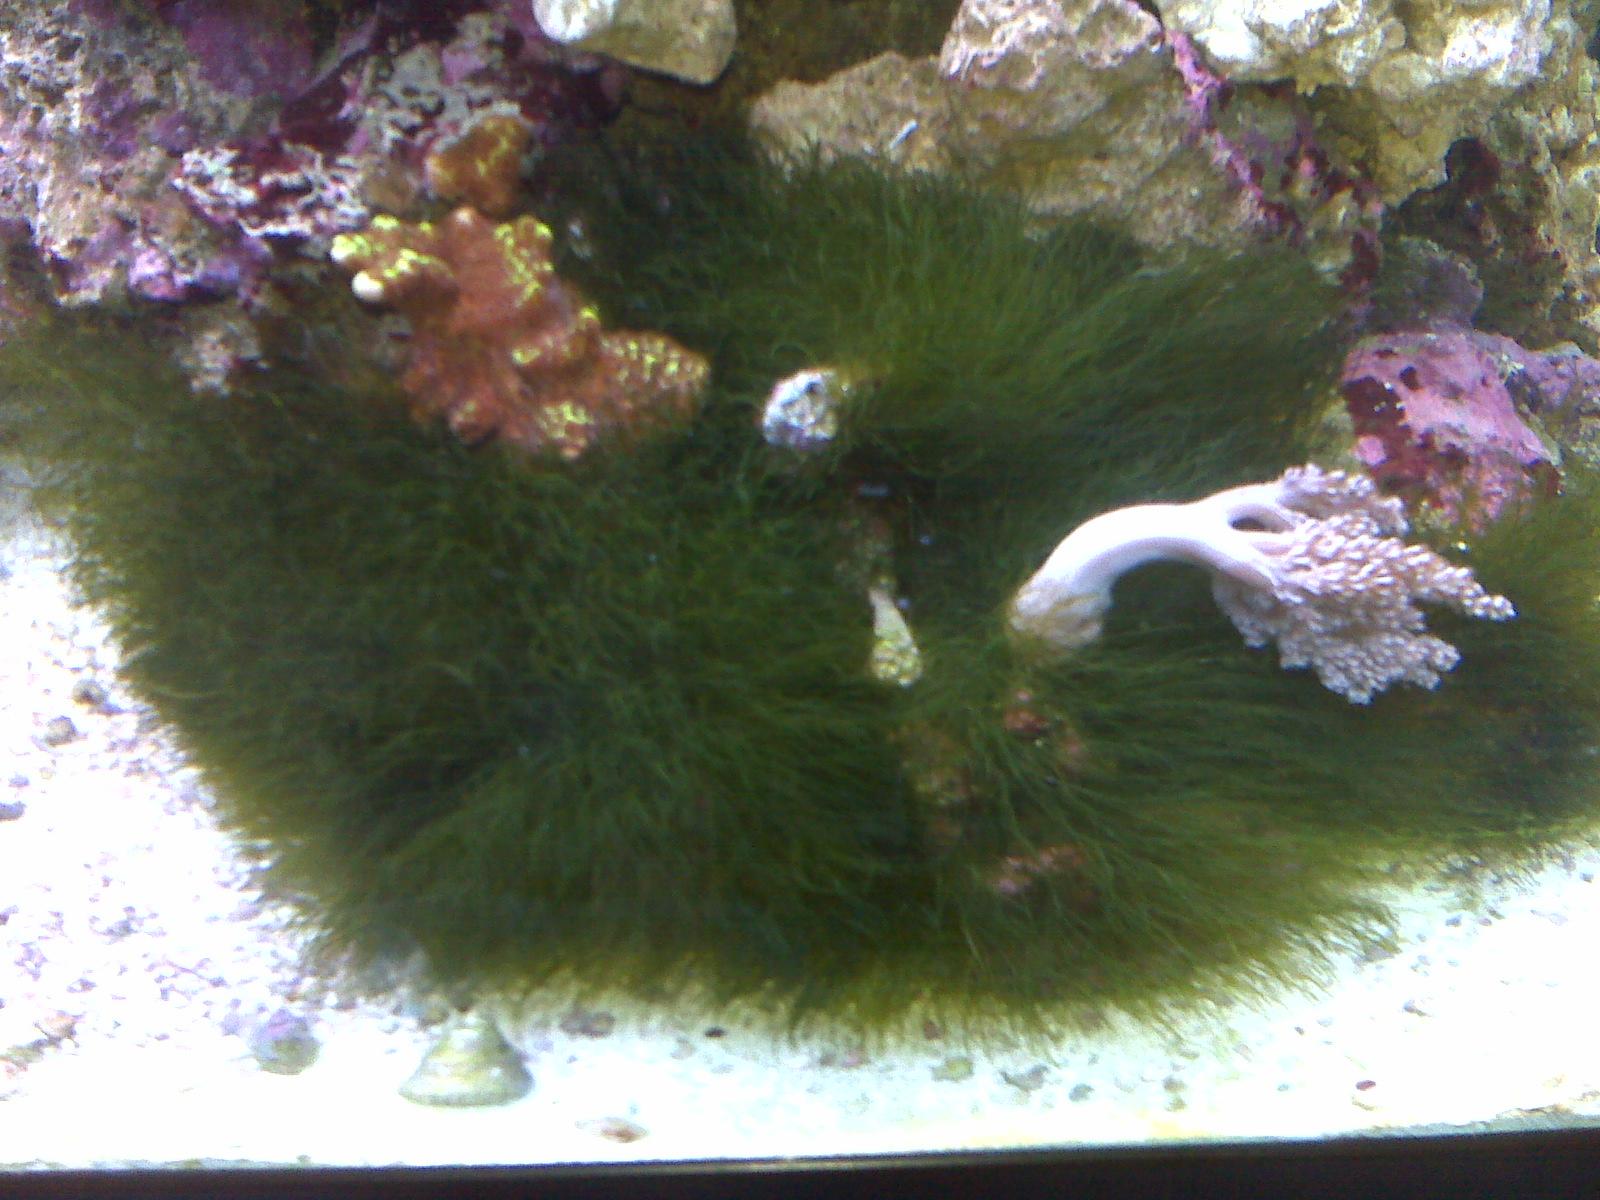 Display Aquarium with Algae